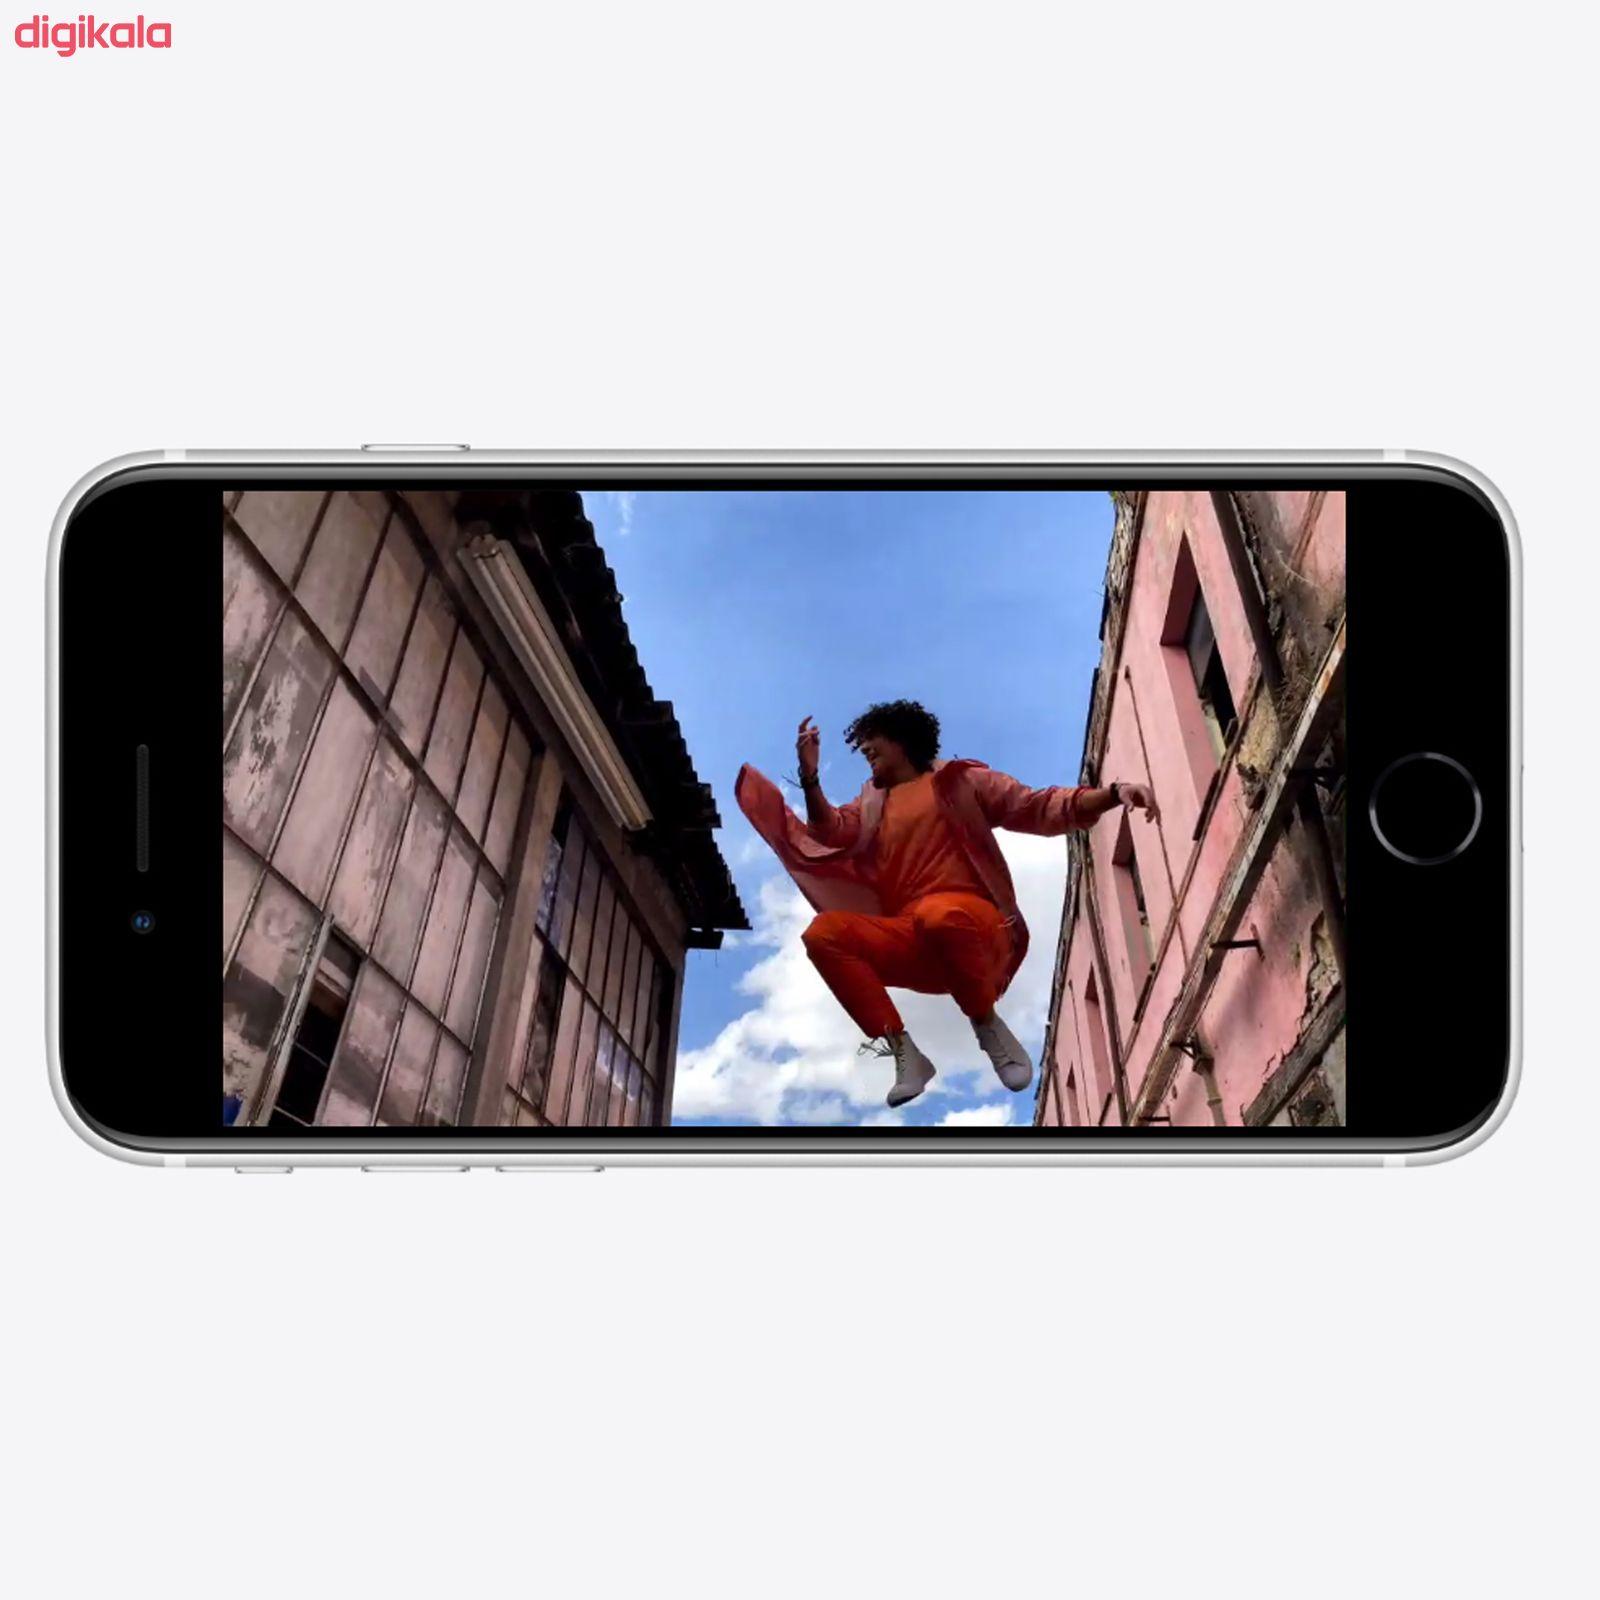 گوشی موبایل اپل مدل  iPhone SE 2020 A2275 ظرفیت 128 گیگابایت main 1 11